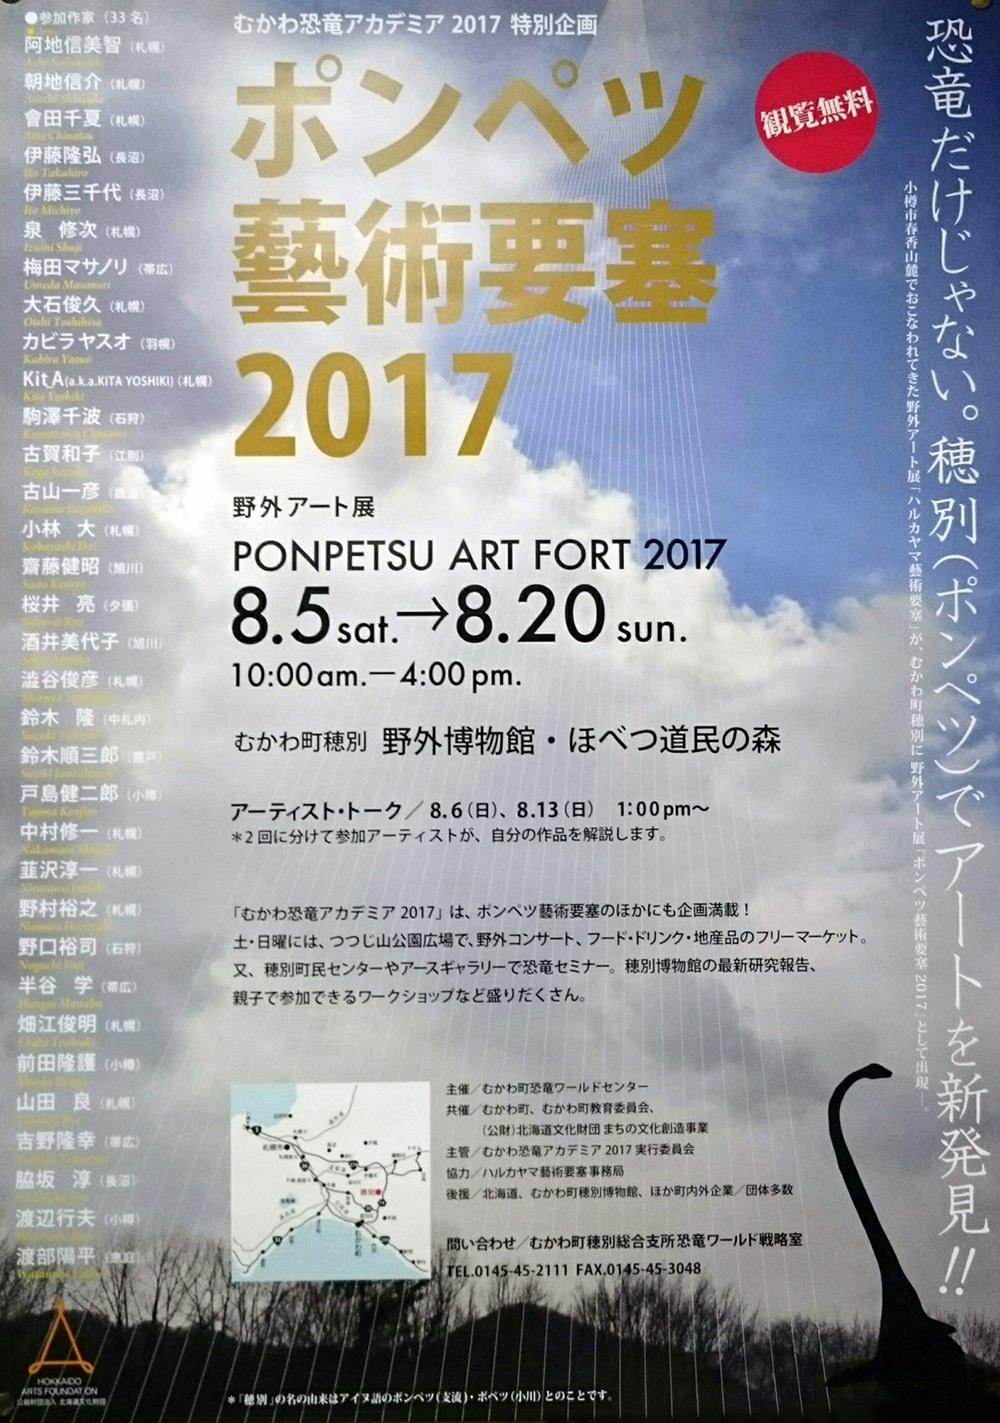 ponpetsu-art-fort-hobetsu